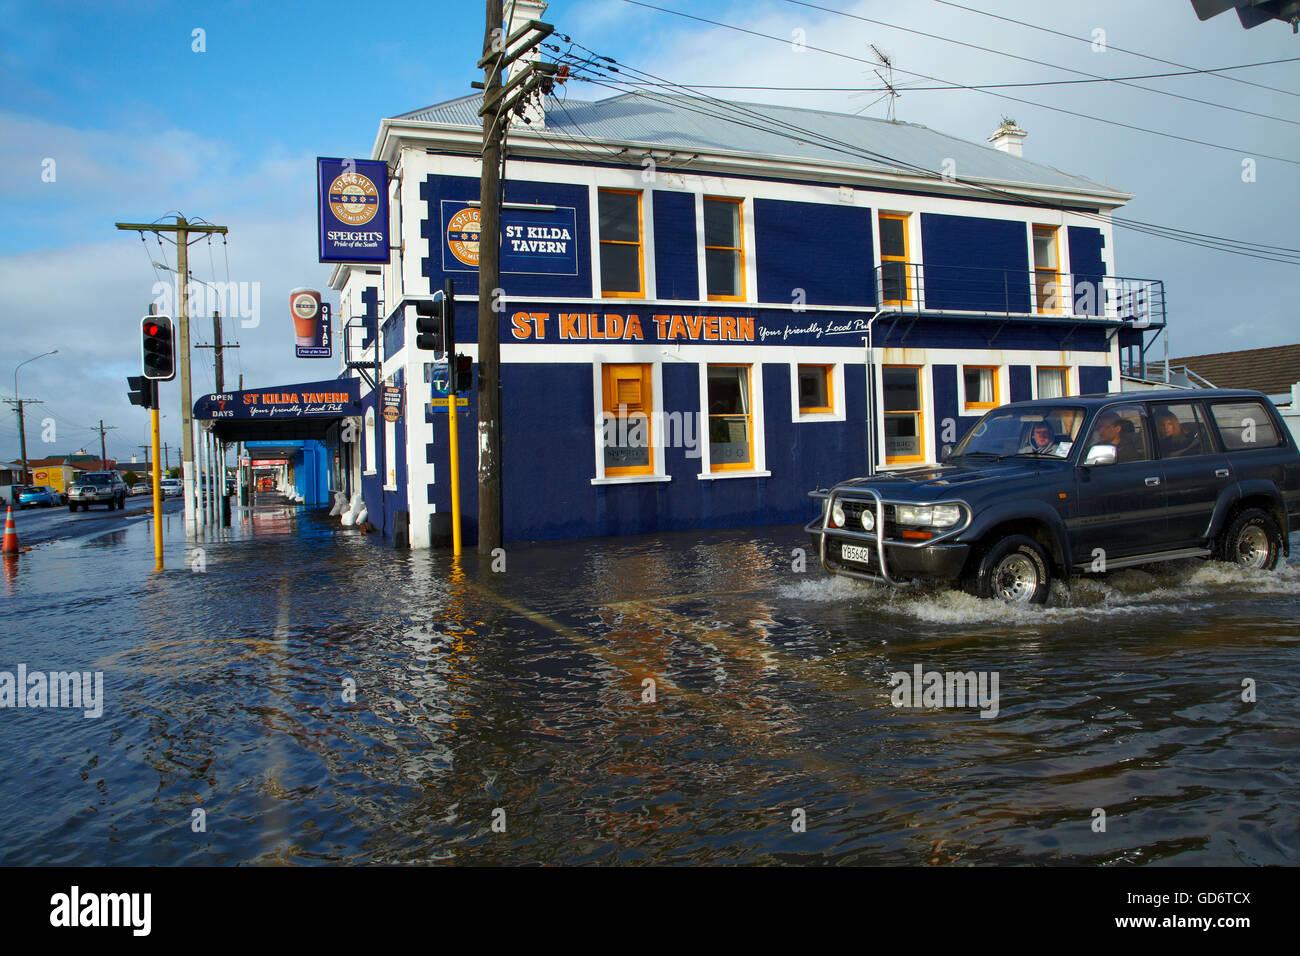 Brasserie au cours St Kilda South Dunedin Dunedin, inondations, île du Sud, Nouvelle-Zélande Banque D'Images